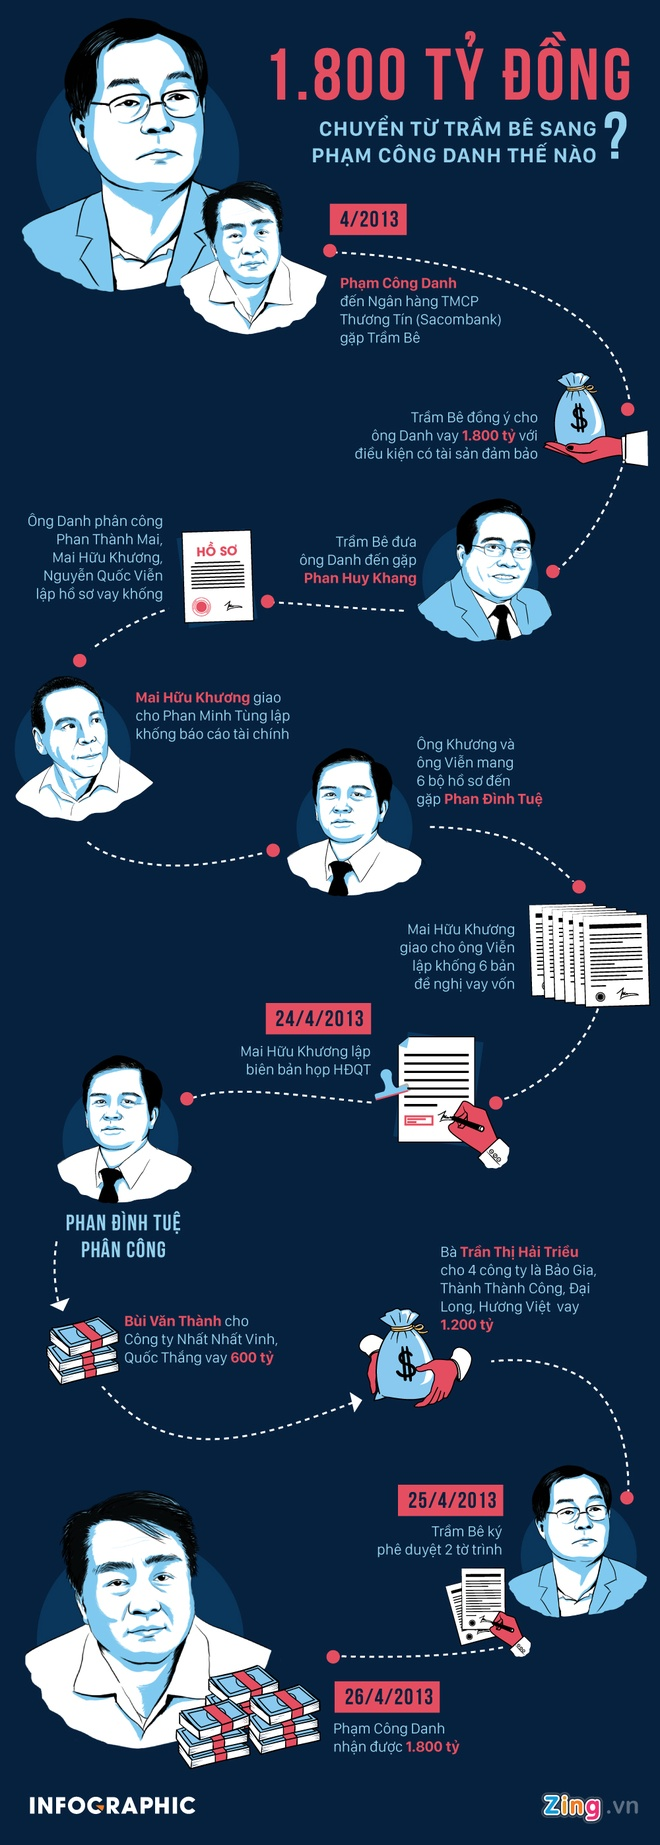 Co thu hoi duoc 1.700 ty Pham Cong Danh tra cho BIDV? hinh anh 3